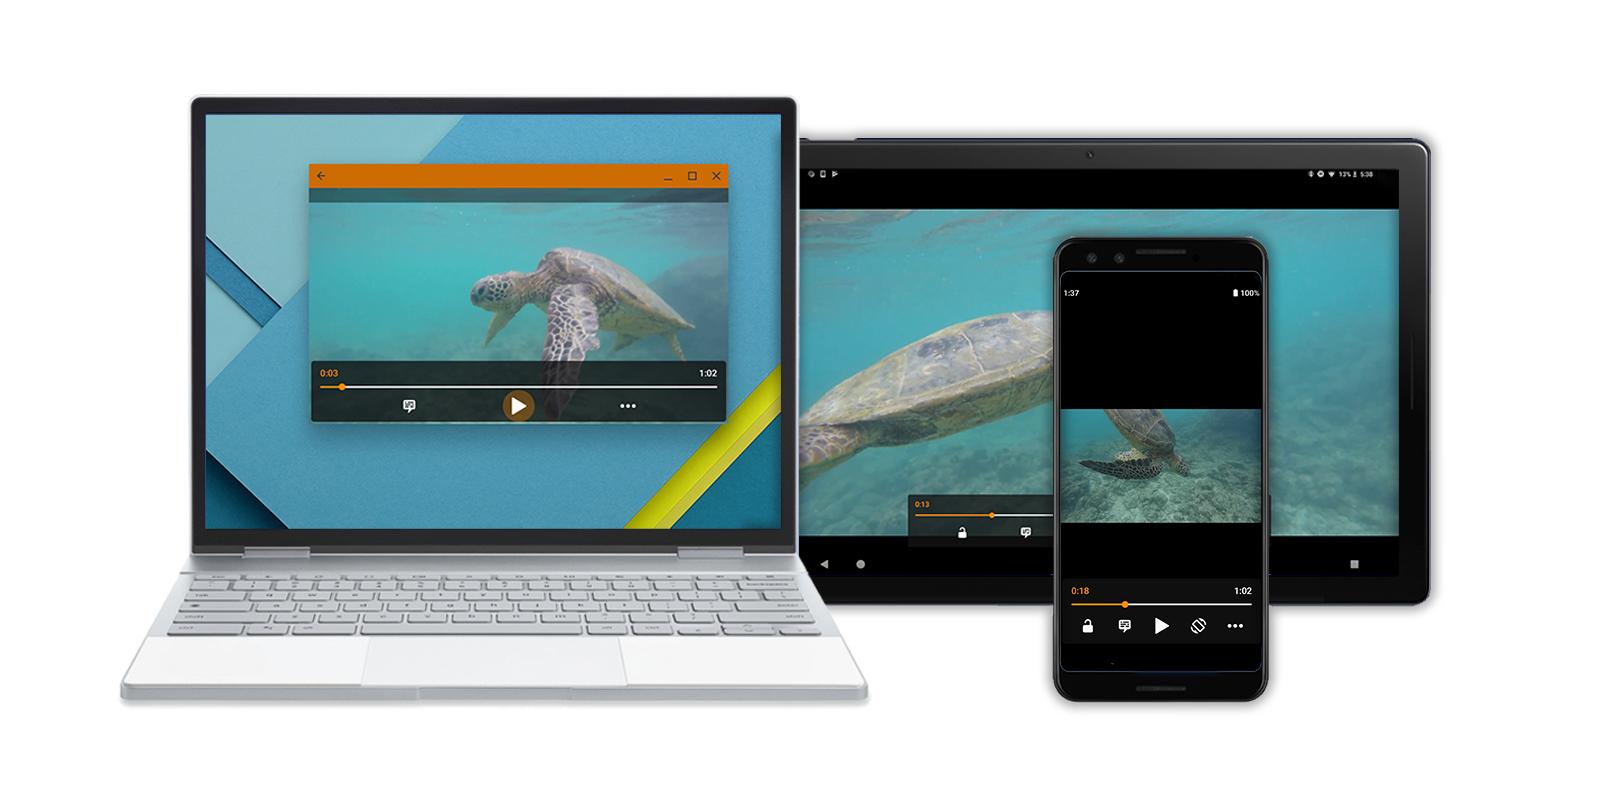 Gambar yang menampilkan beberapa versi tata letak, contoh pengubahan ukuran dinamis di perangkat Seluler, Tablet, dan Laptop